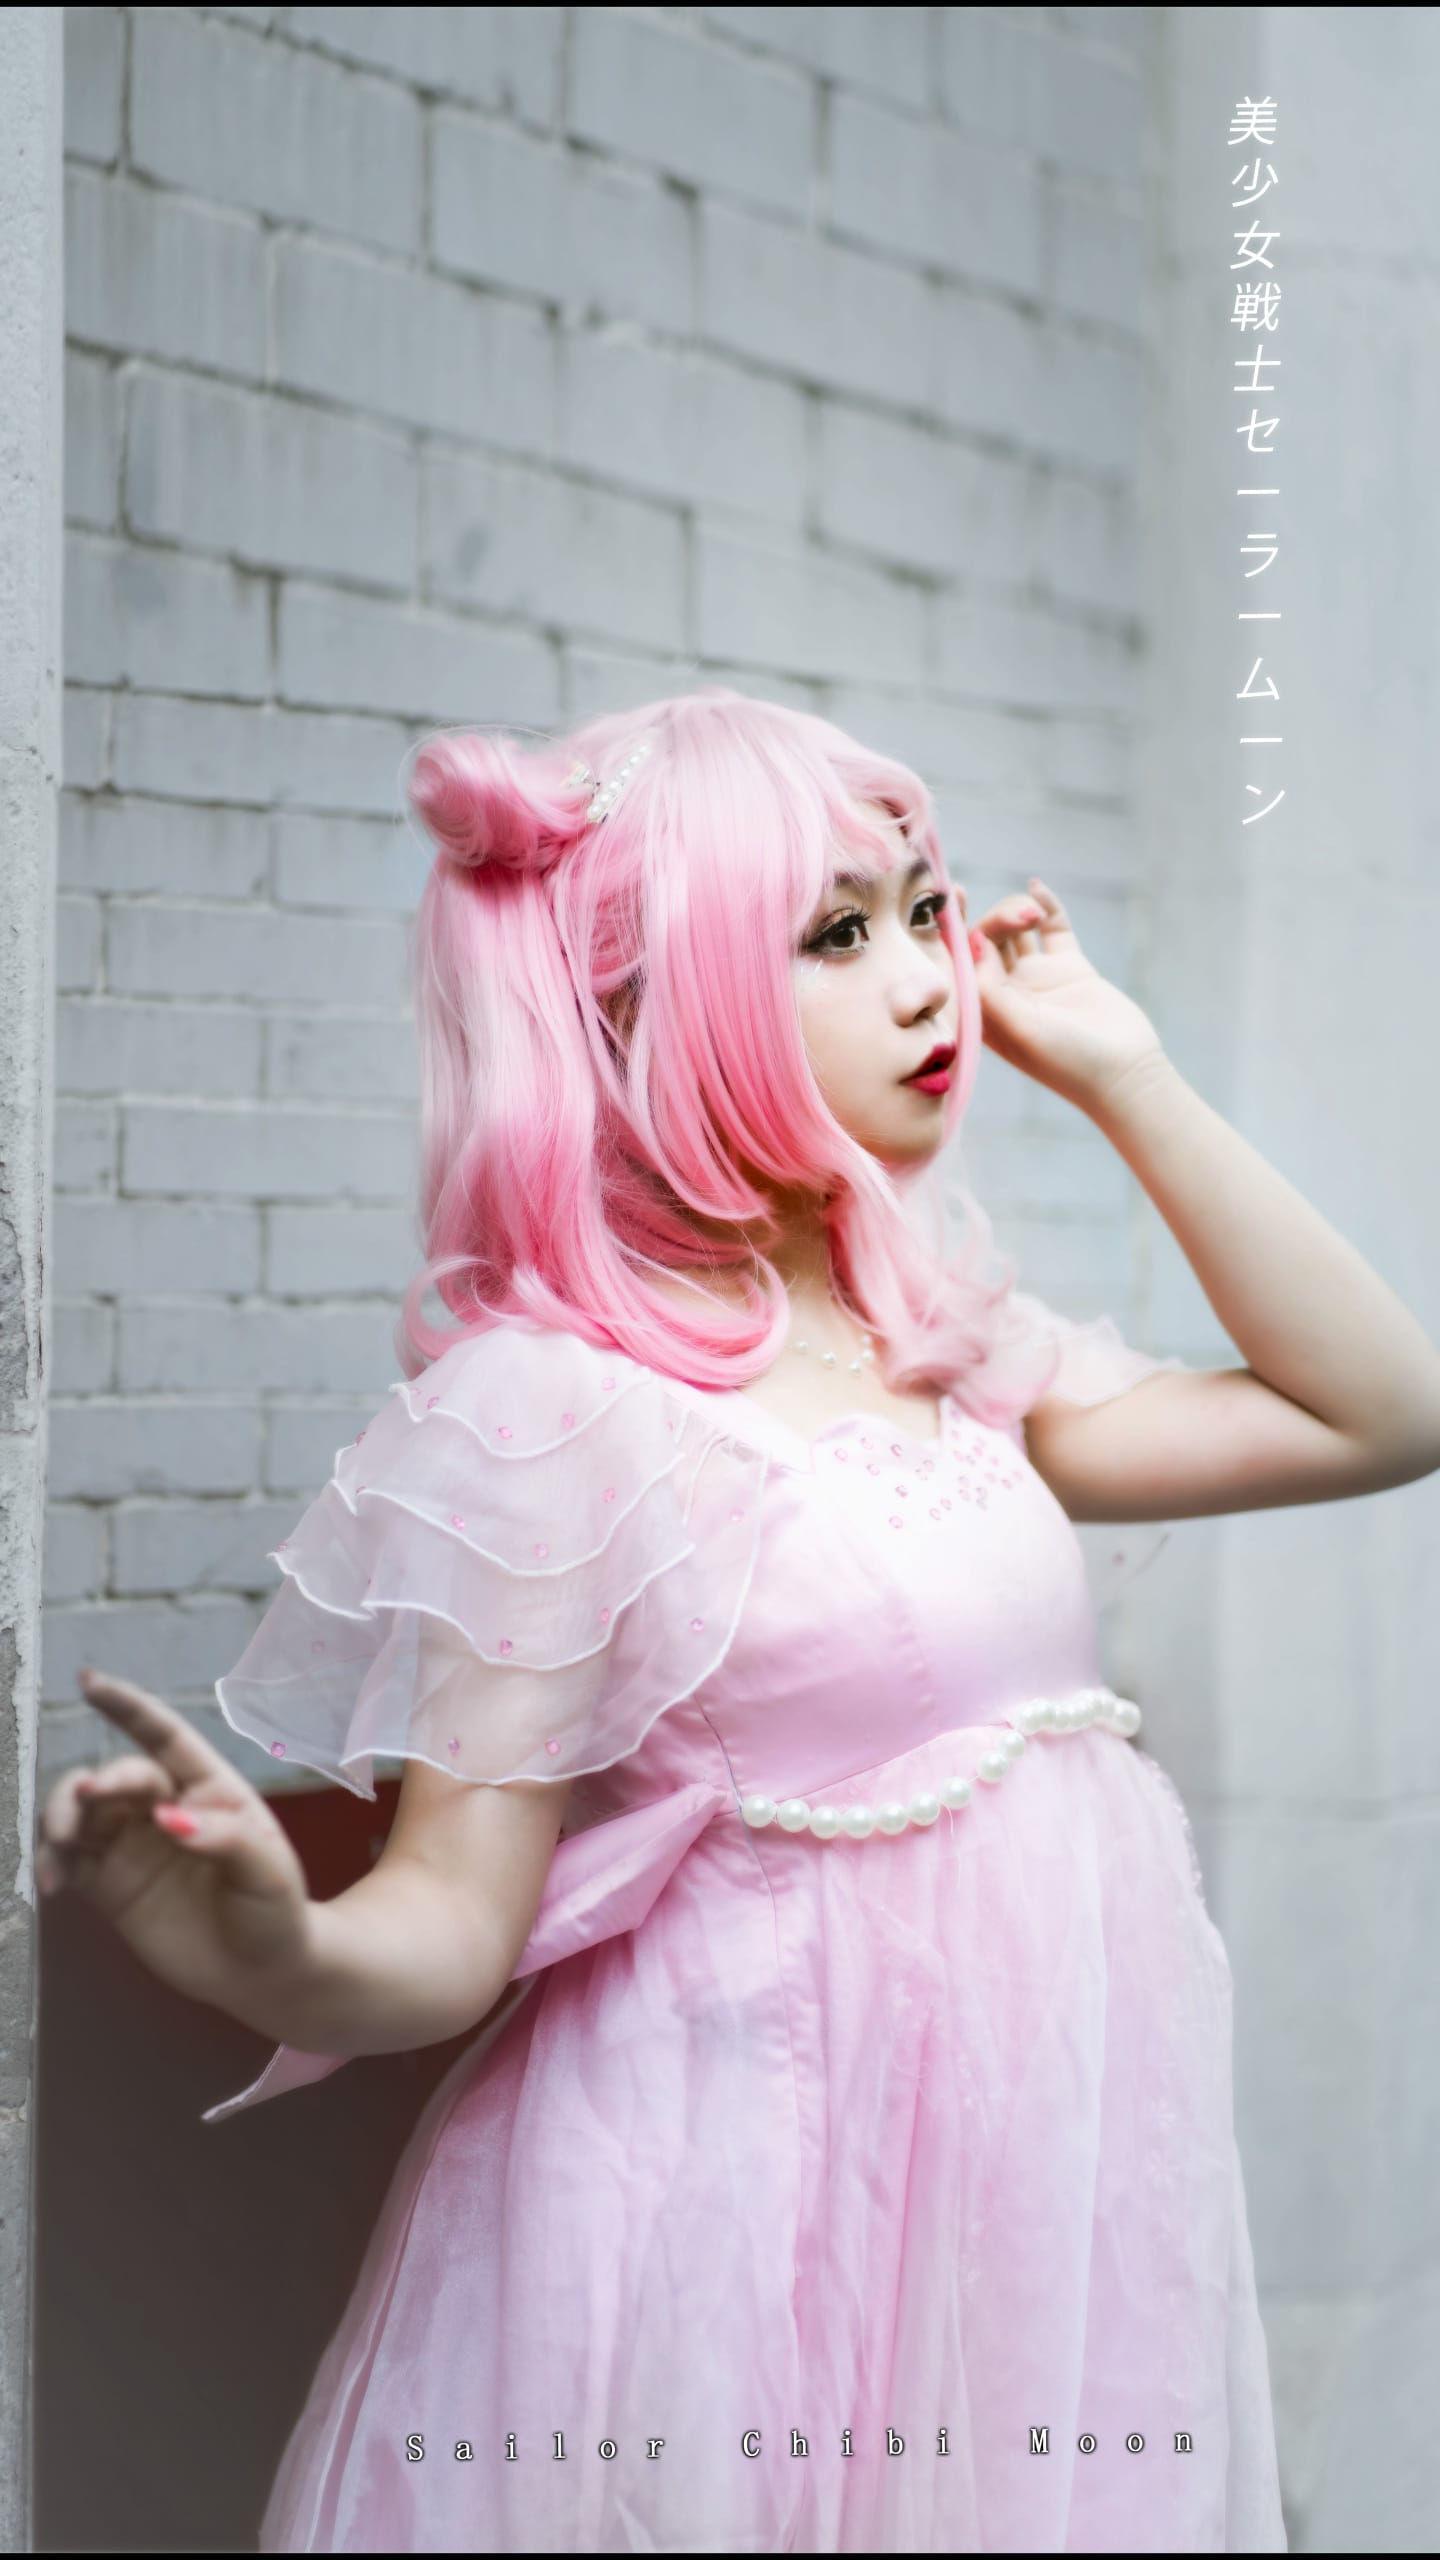 《美少女战士》小小兔插画礼服cosplay插图(6)